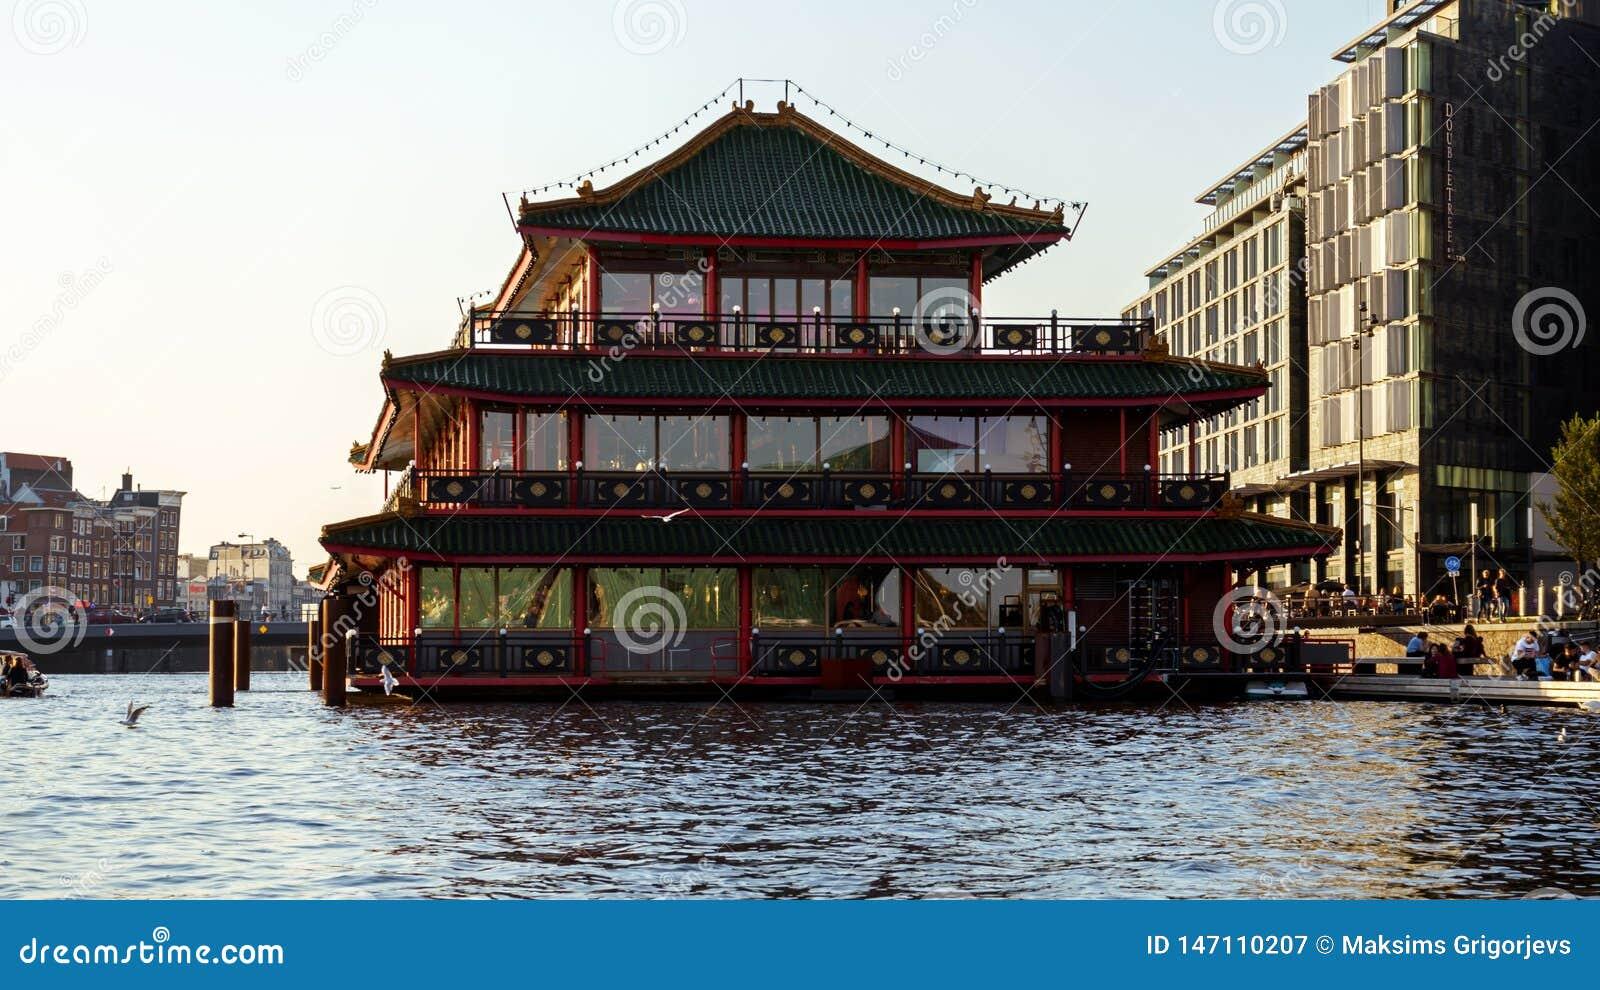 中国塔样式漂浮resaurant在阿姆斯特丹运河,2017年10月13日